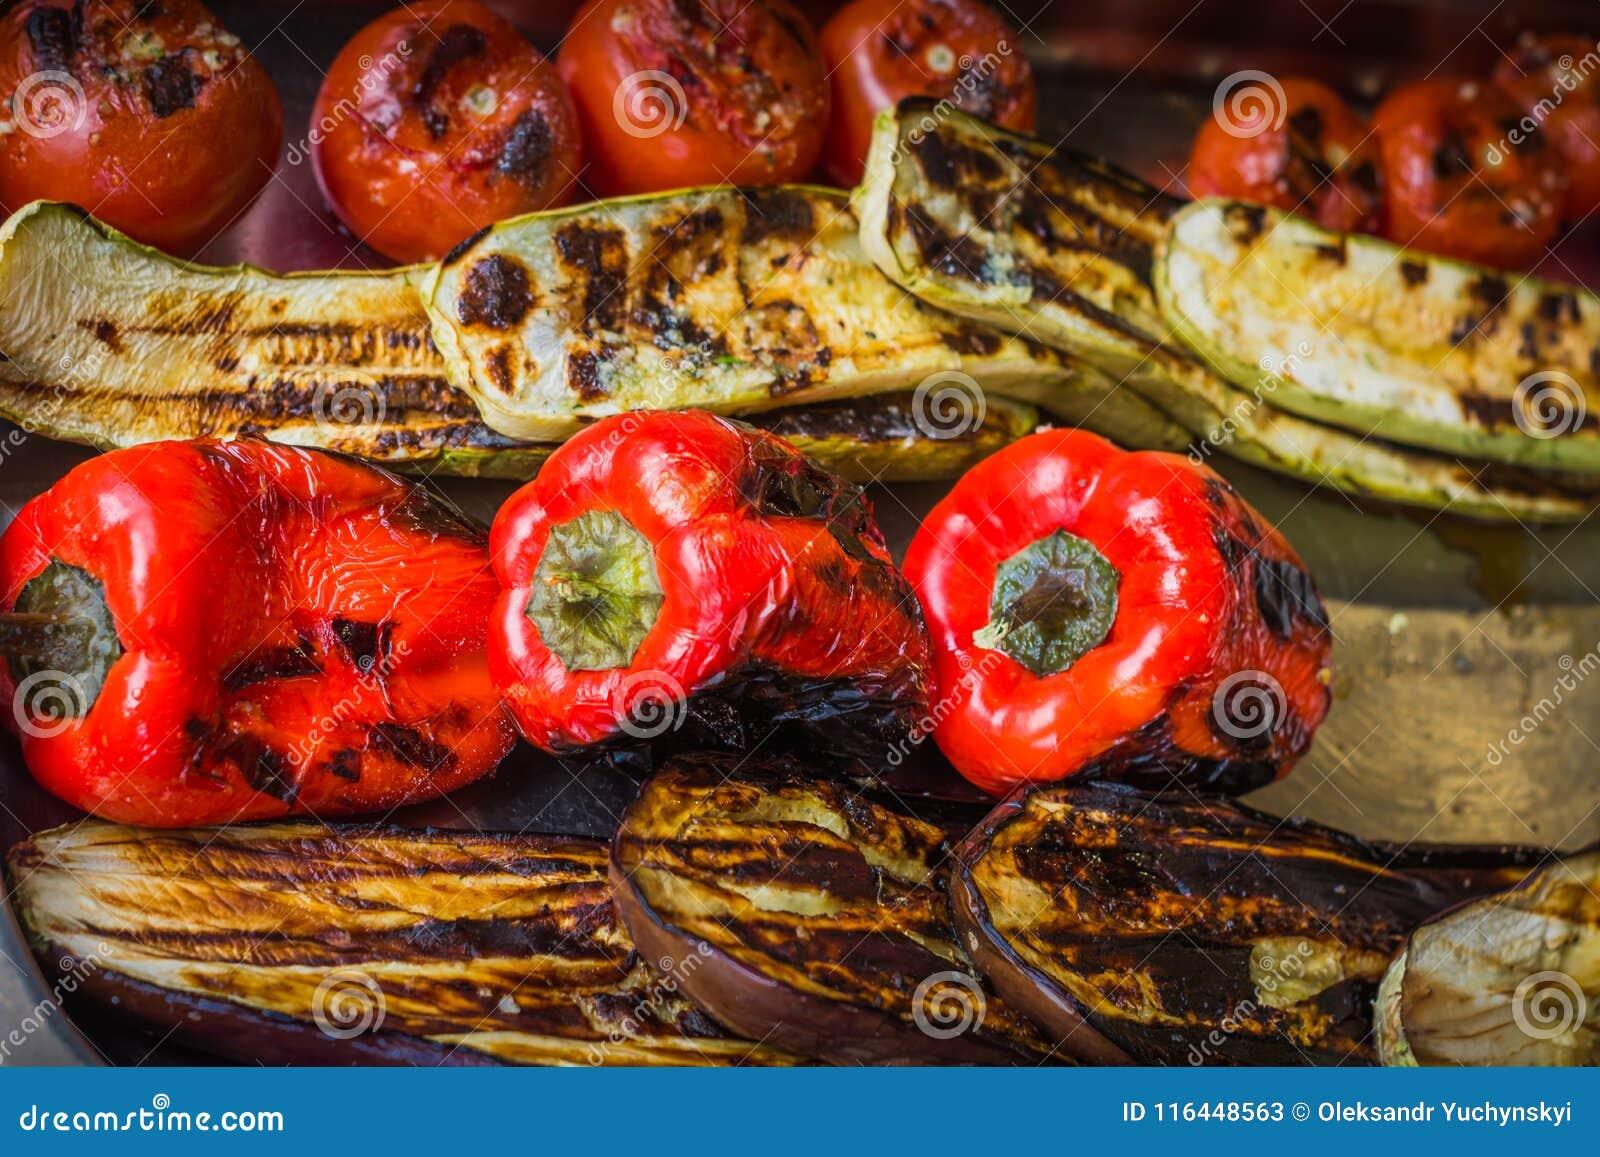 Pimentas, beringelas, tomates e abobrinha roasted e queimados levemente